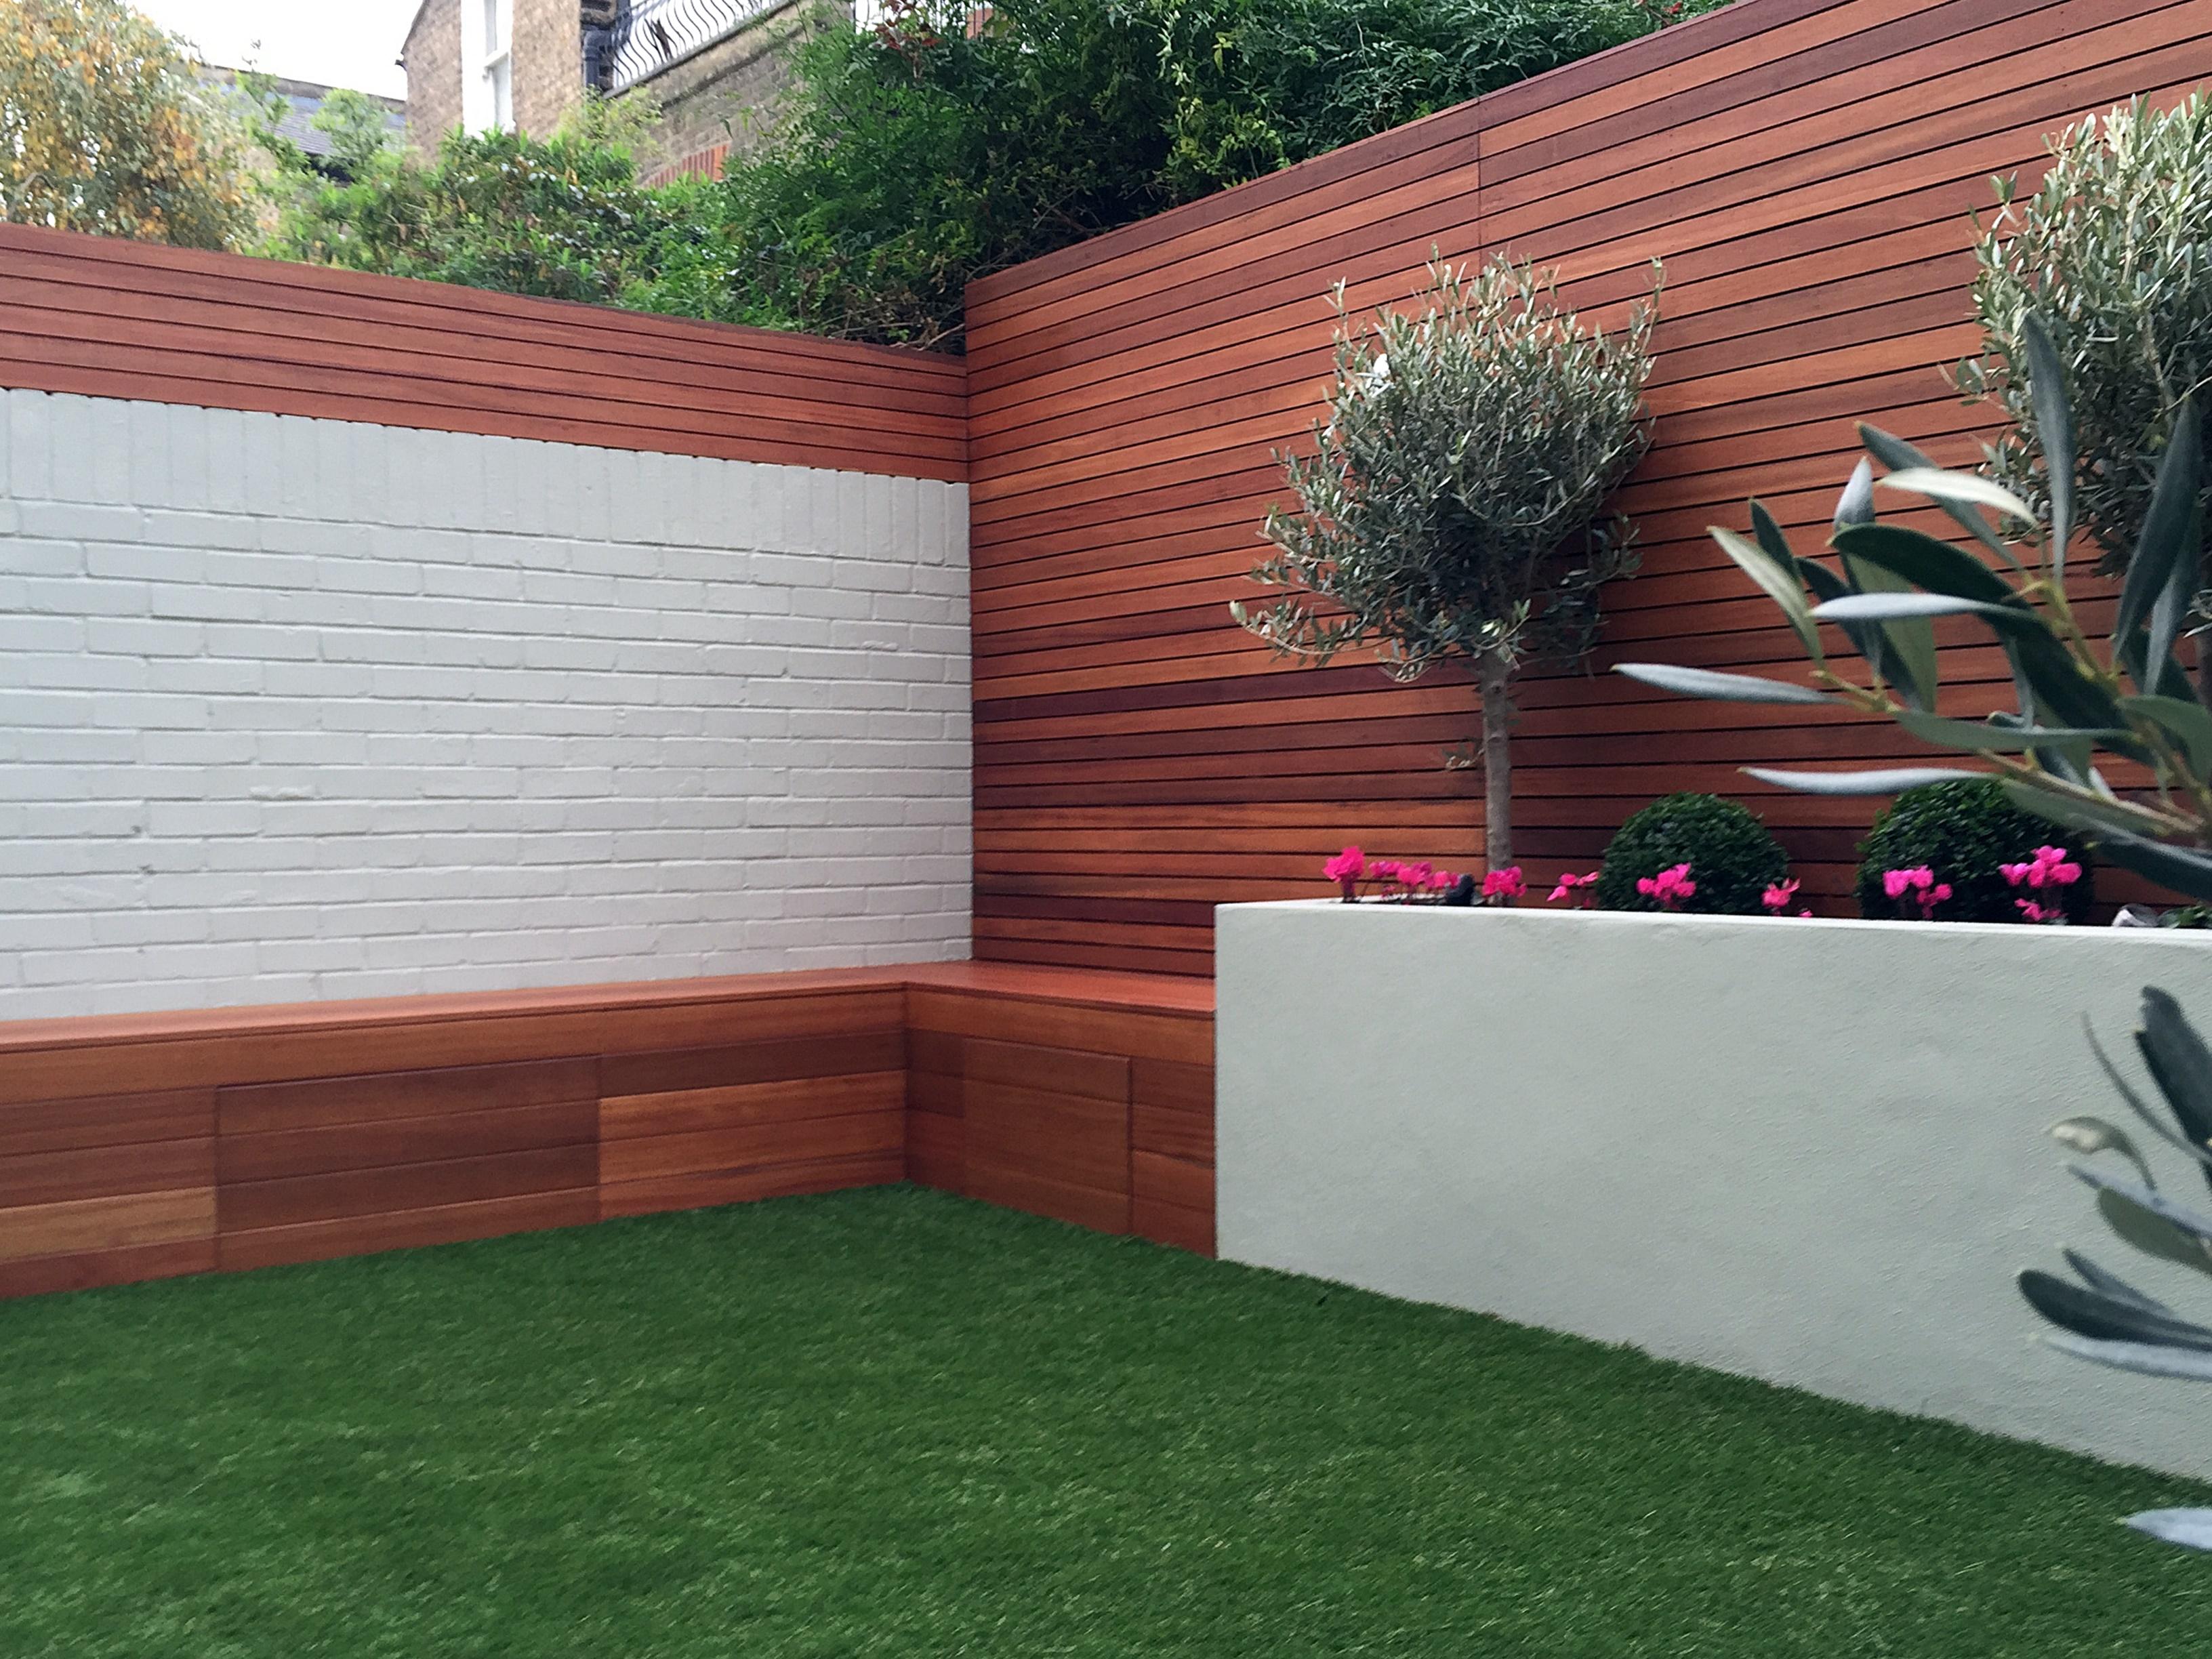 Grass archives london garden blog for Modern garden beds